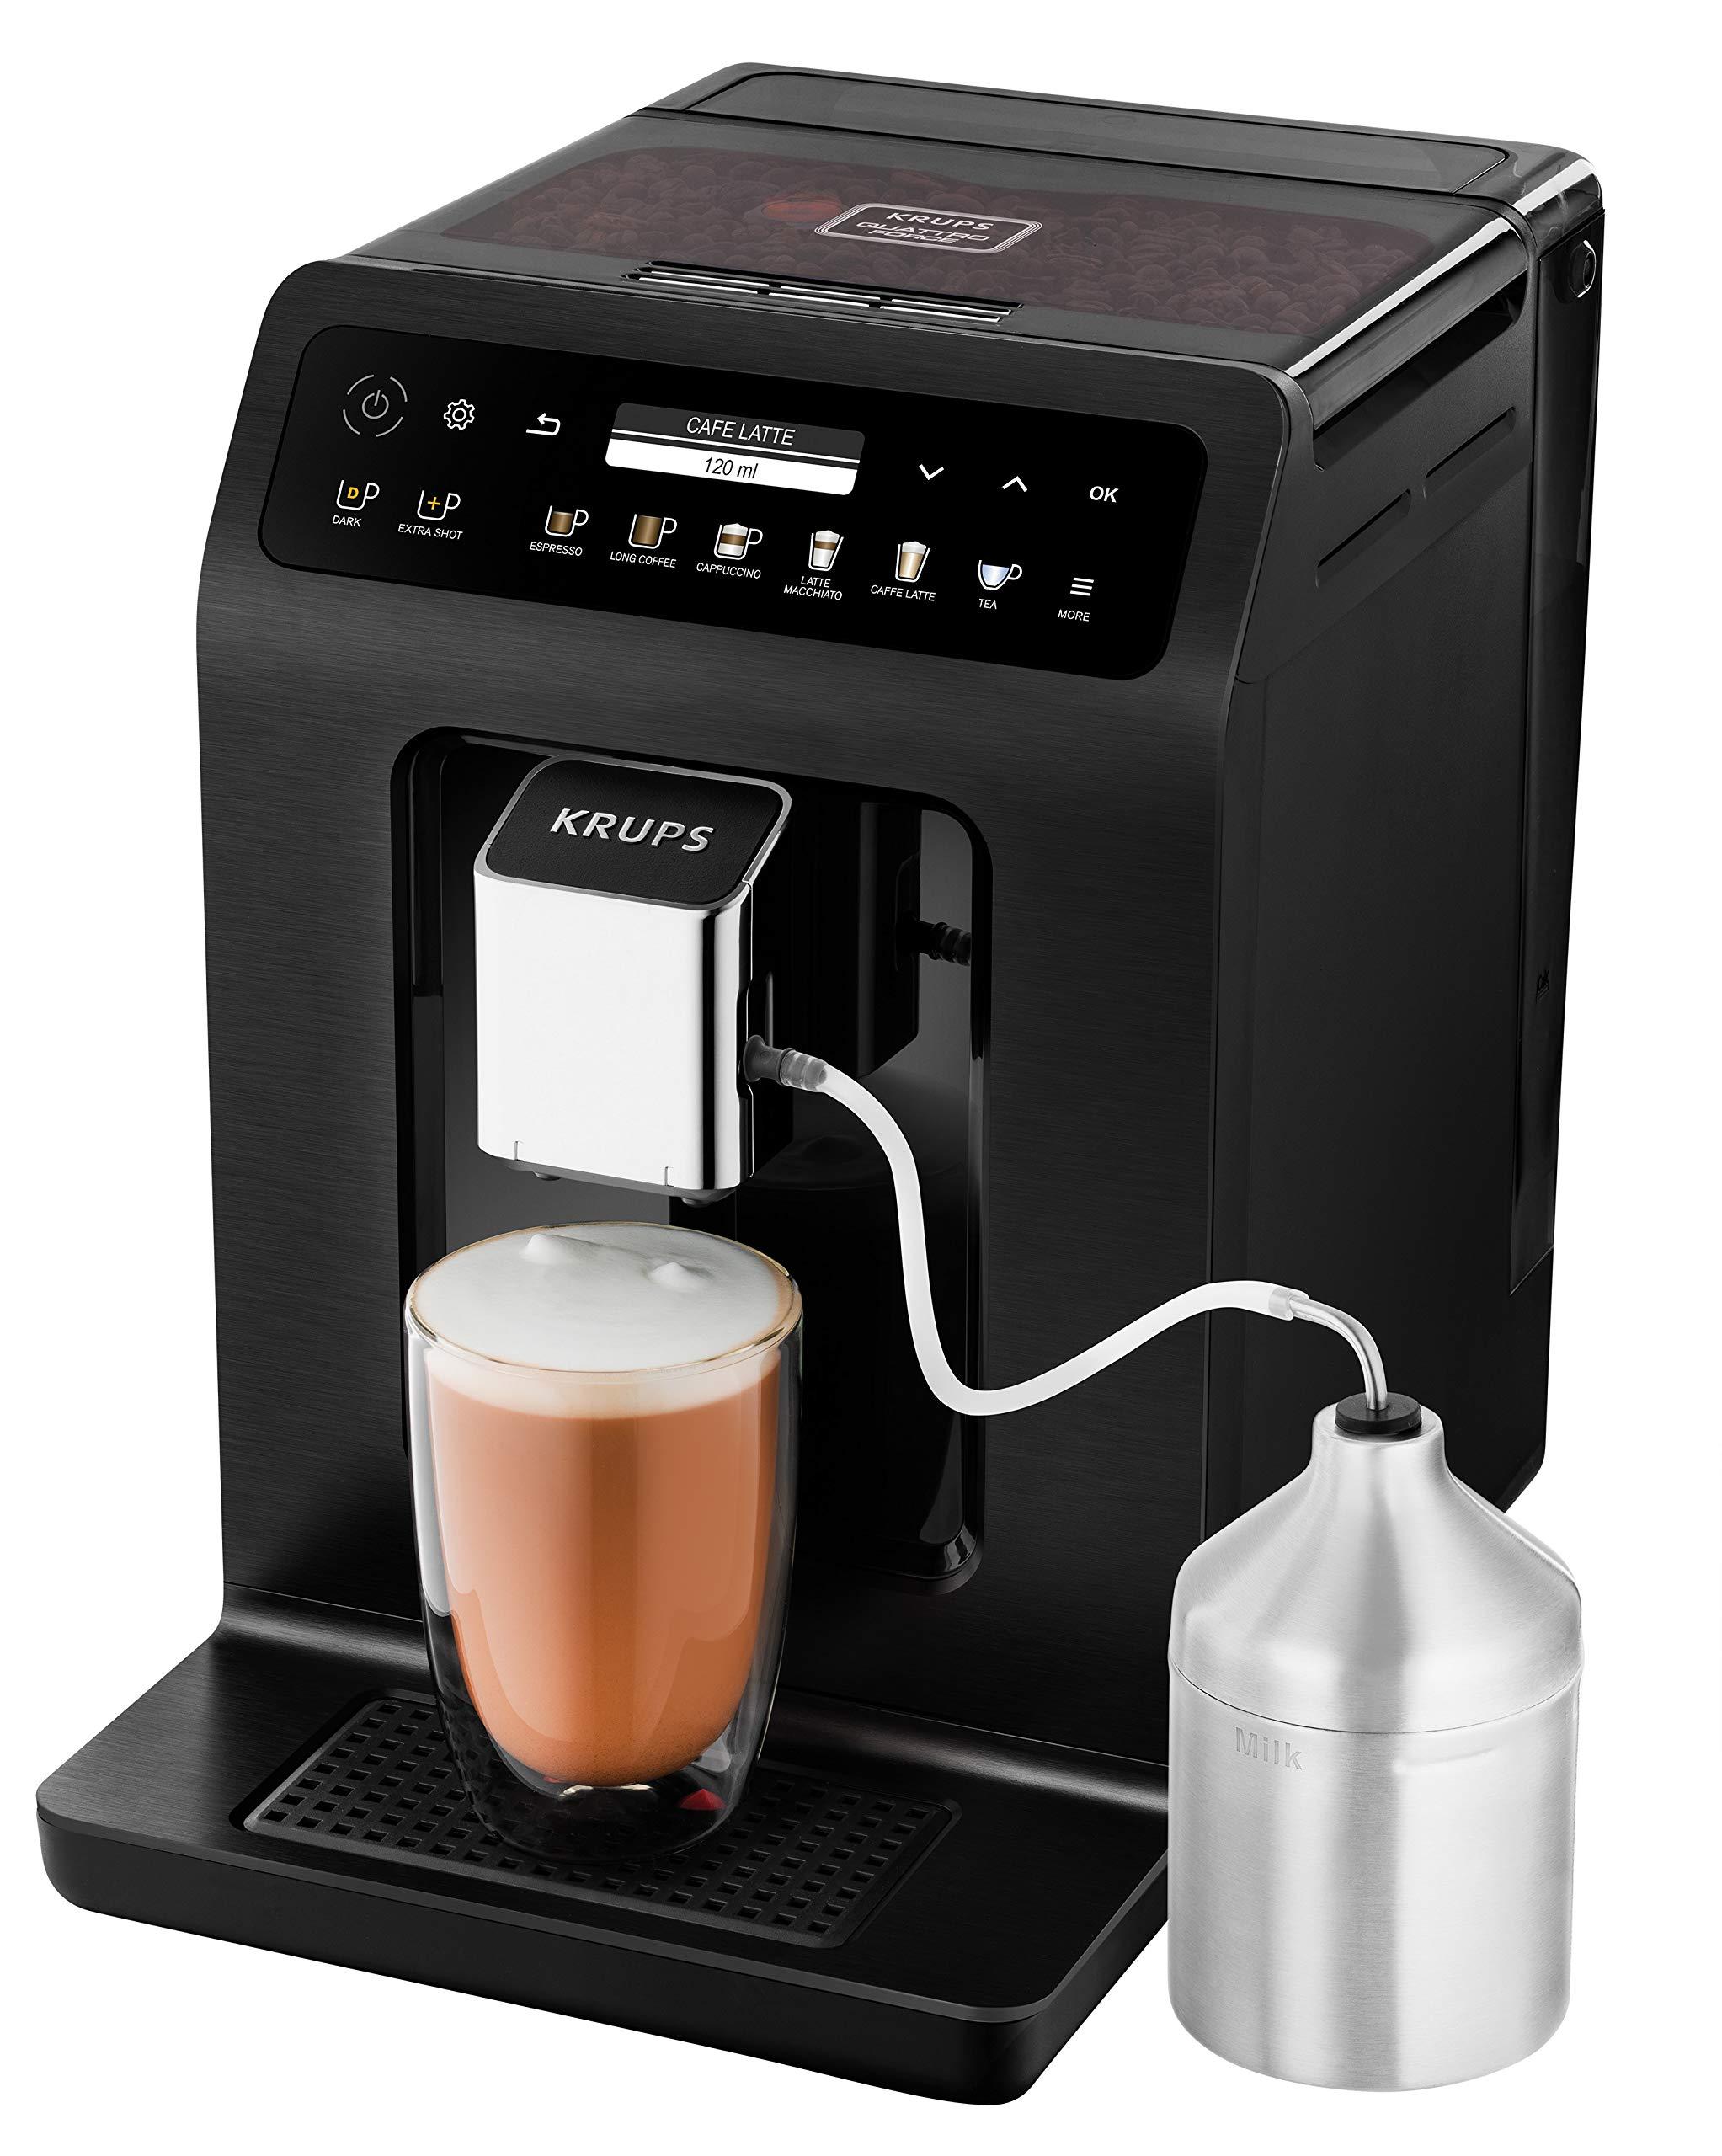 Krups-Evidence-Plus-Kaffeevollautomat-1450